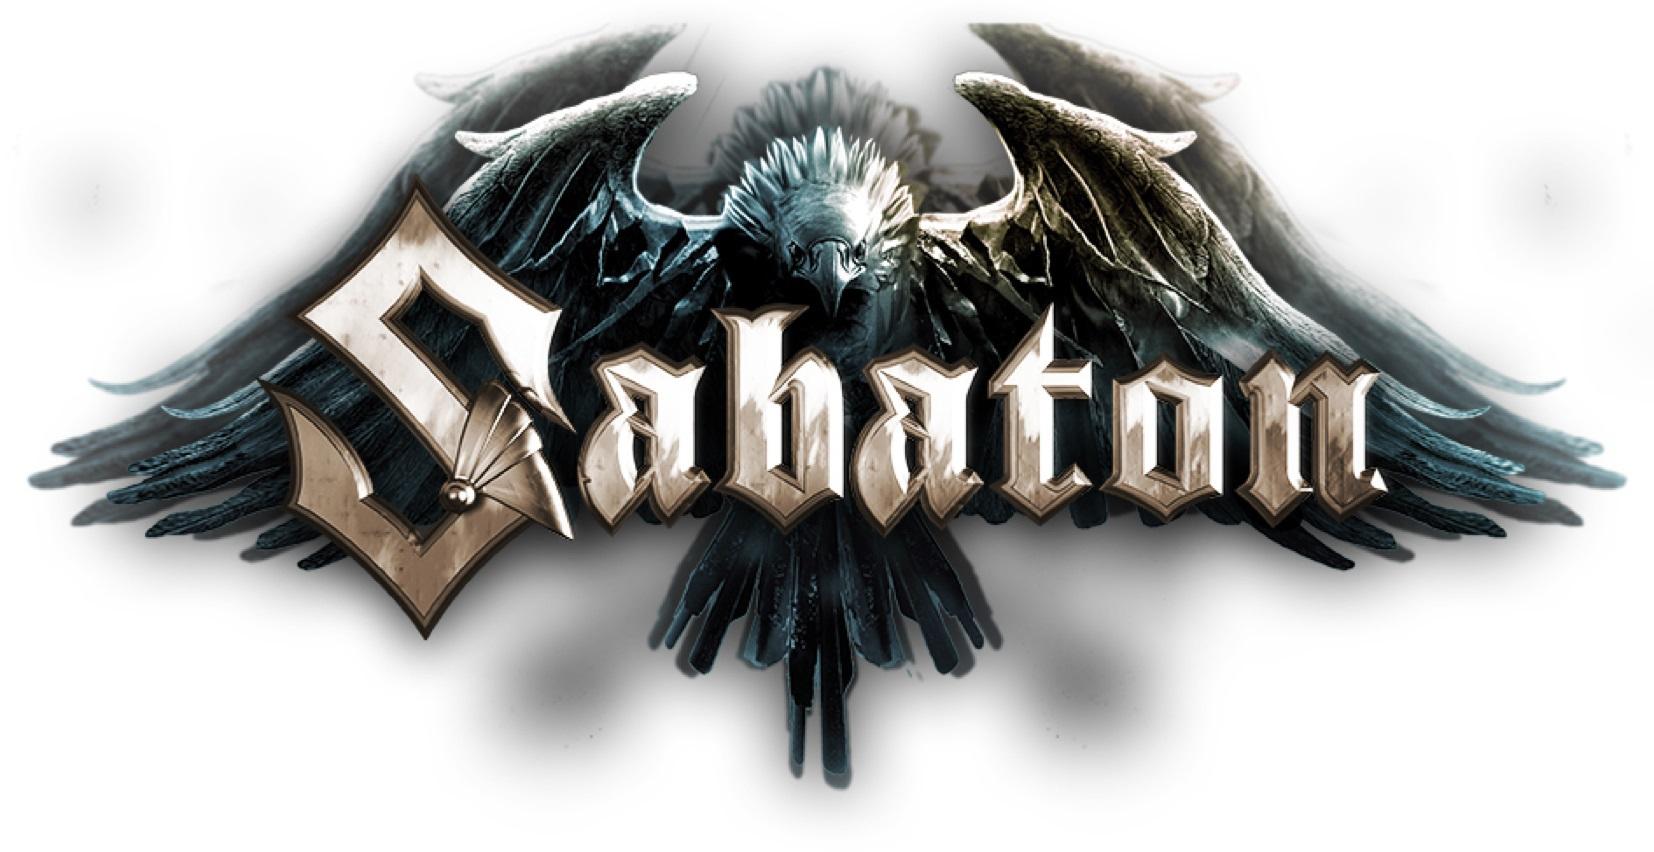 Sabaton Logo photo - 1